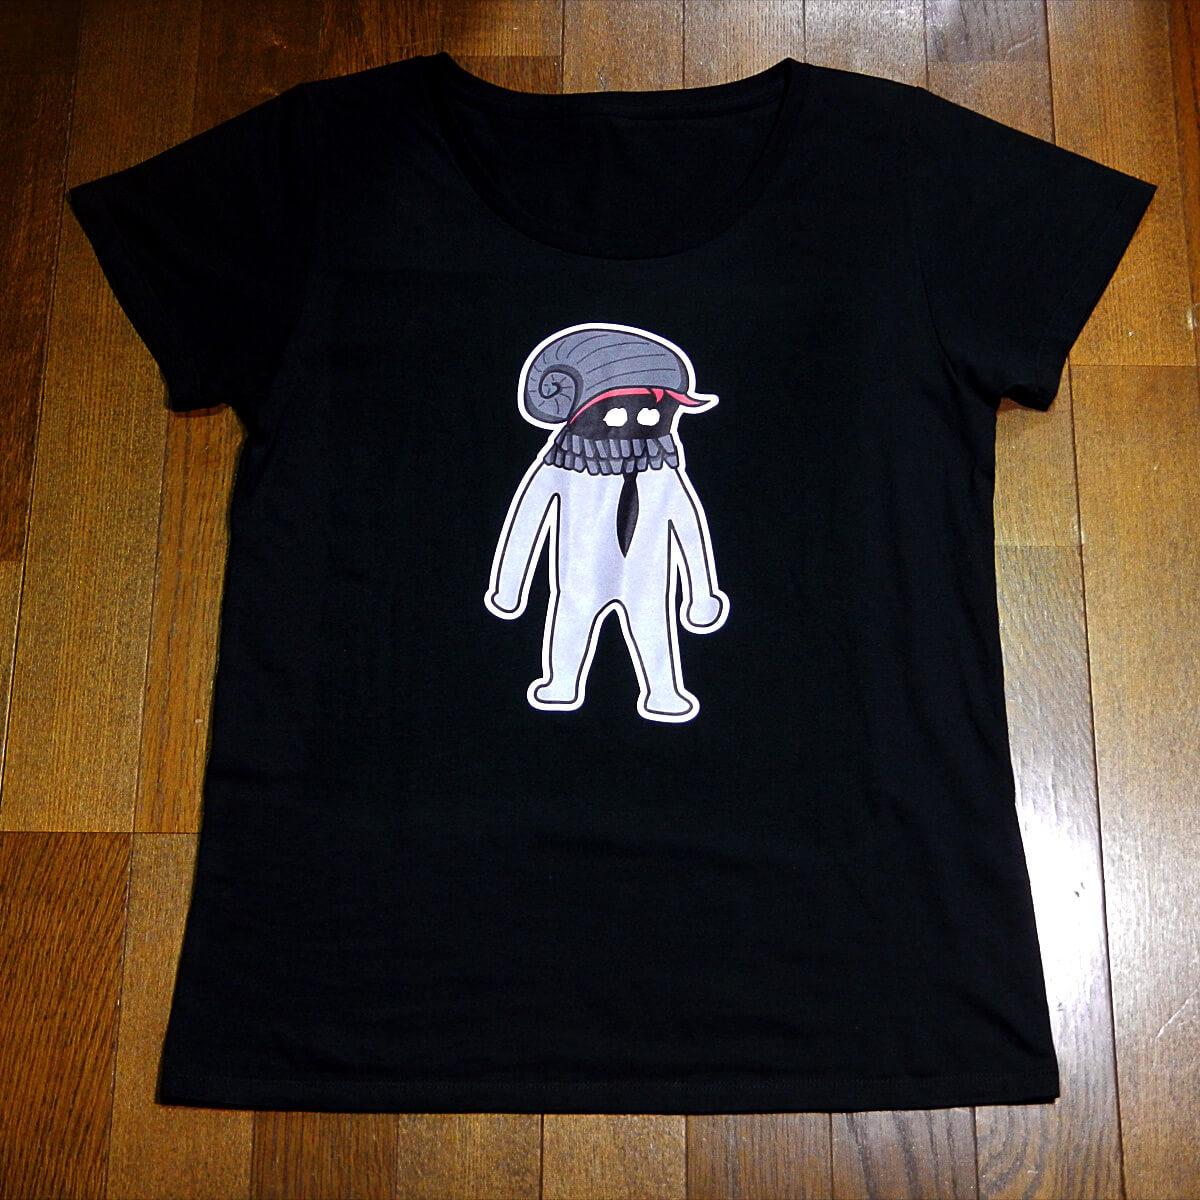 「海底紳士スケおじさん」Tシャツ